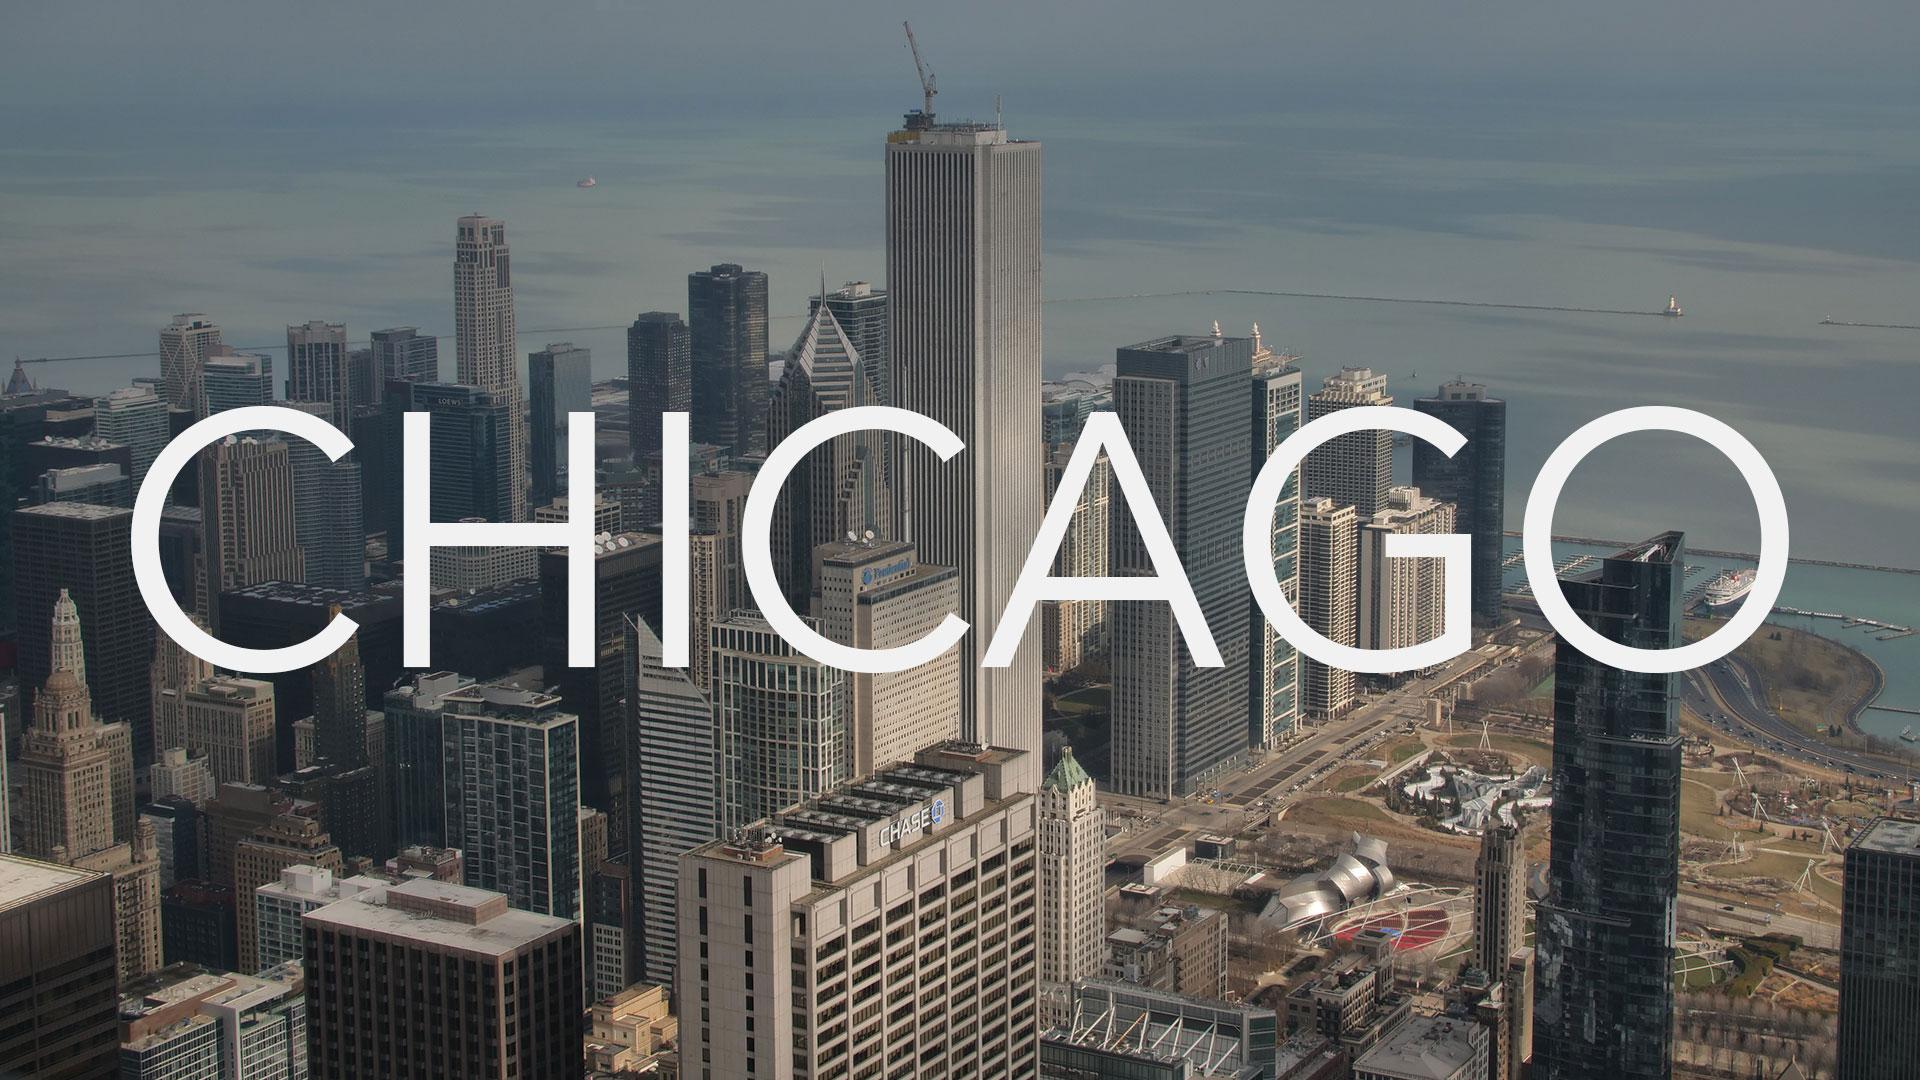 CHICAGO WAS FUN